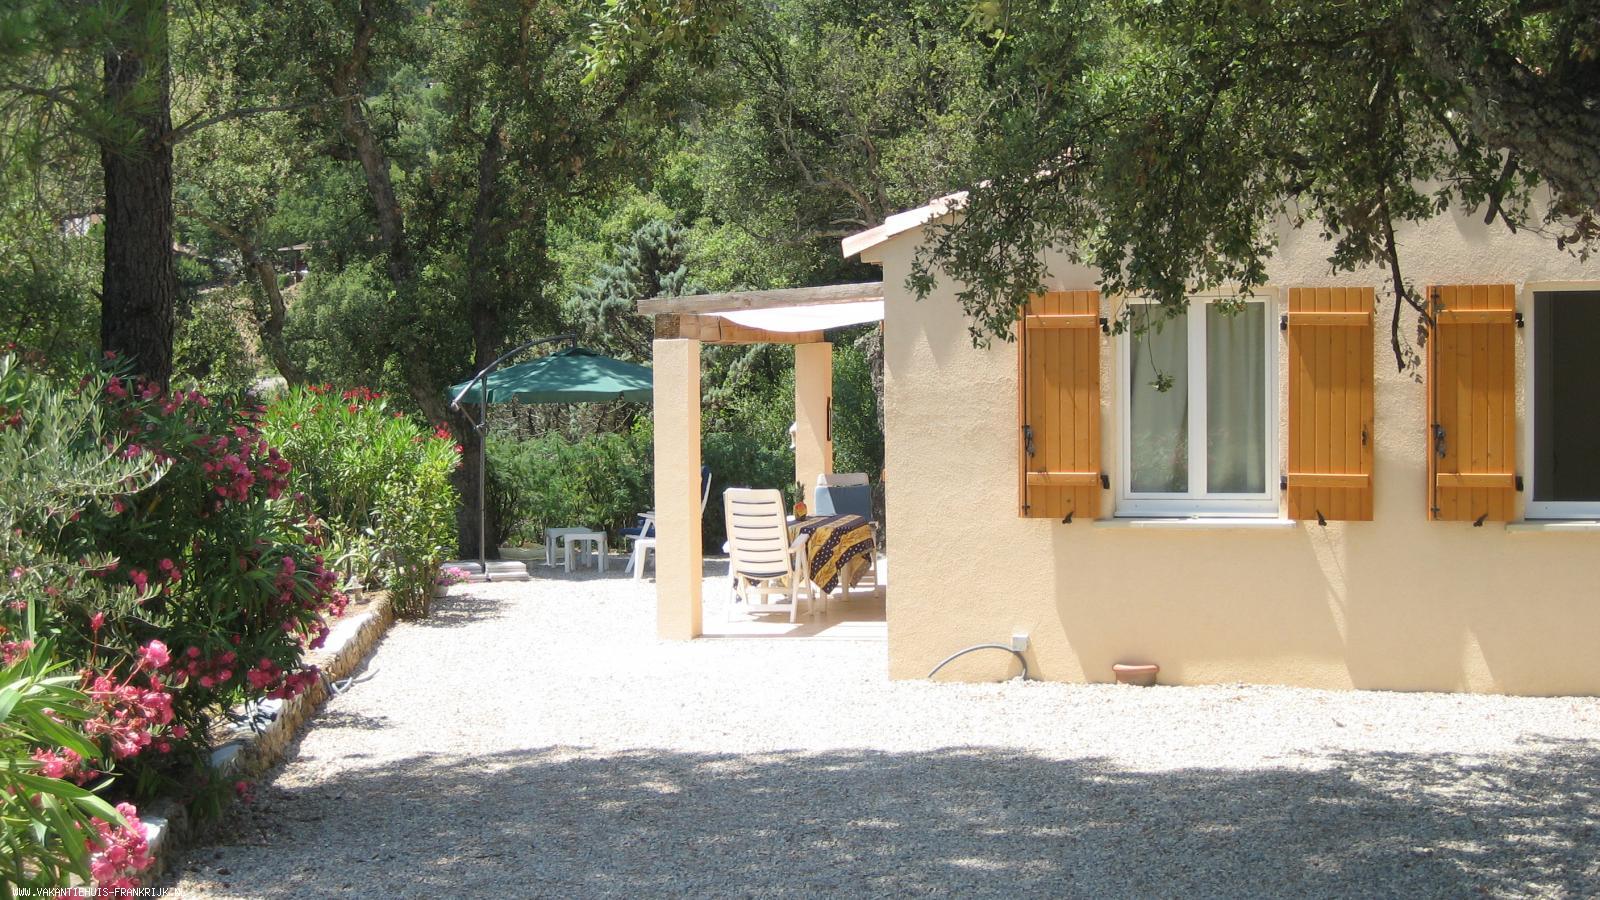 Vakantiehuis: Provençaals vakantiehuis in natuurgebied tussen kust en achterland te huur voor uw vakantie in Var (Frankrijk)